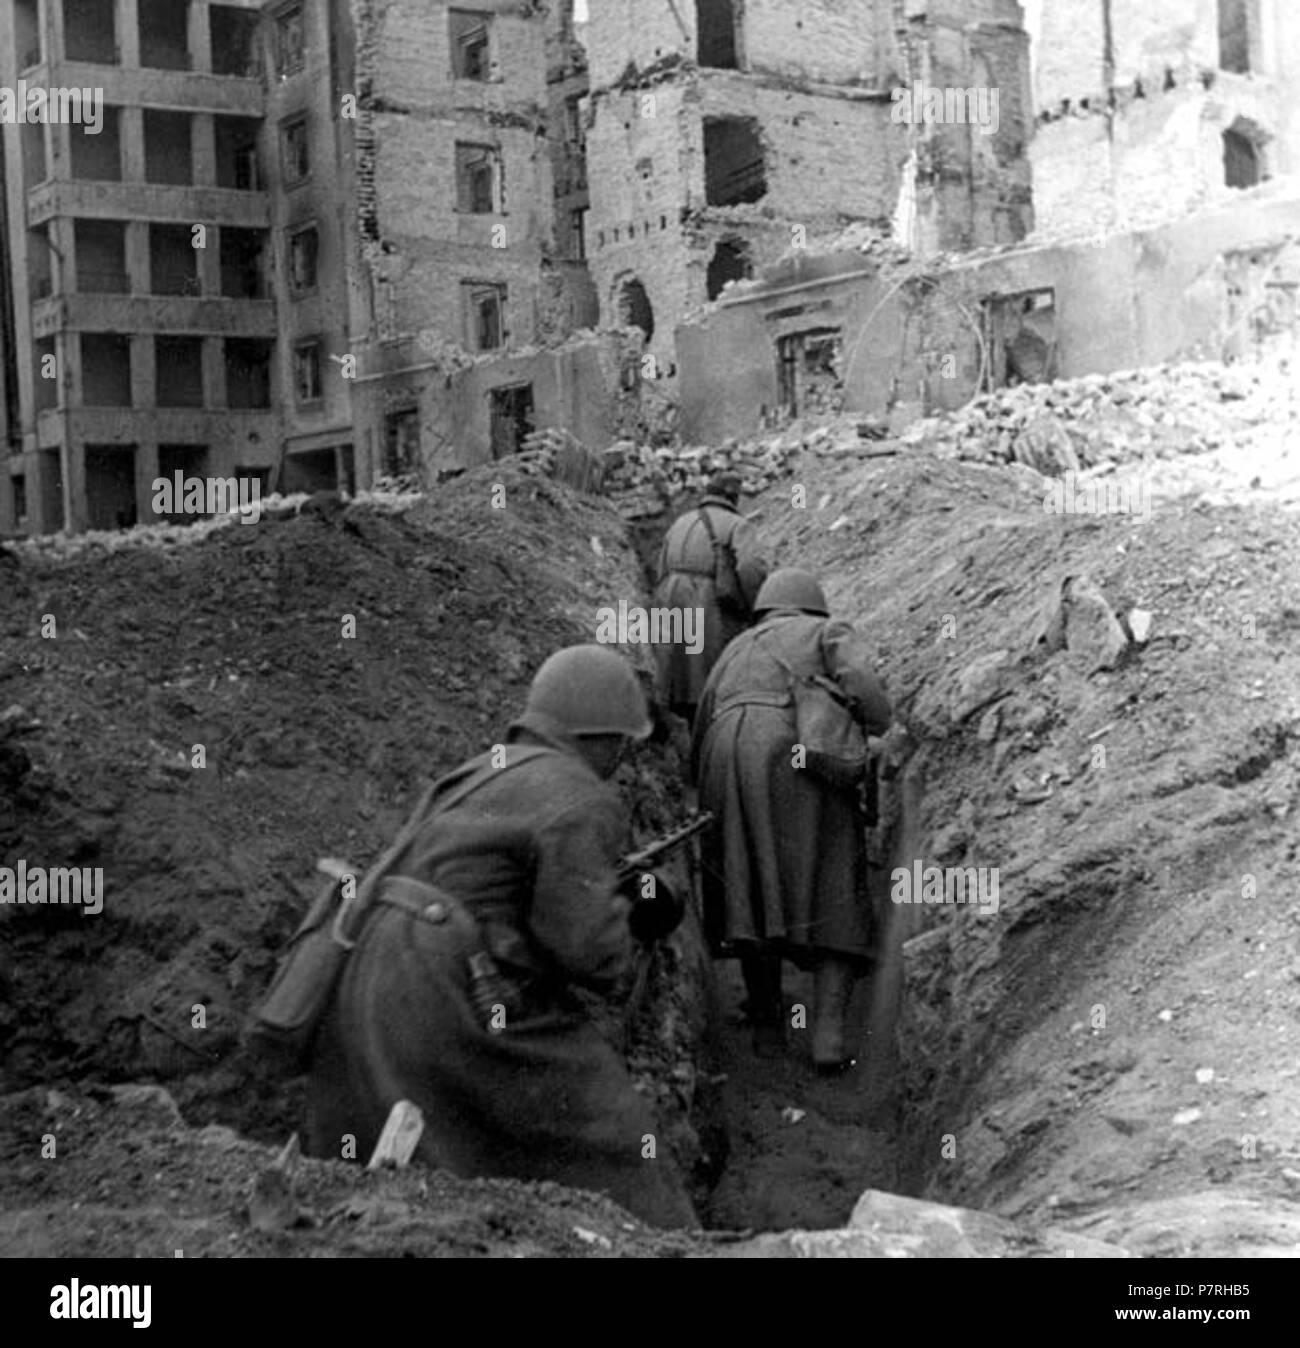 Italiano: soldati sovietici della Sessantaduesima armata in azione nelle rovine di Stalingrado . Dicembre 1942 10 62. armata a Stalingrado Foto Stock